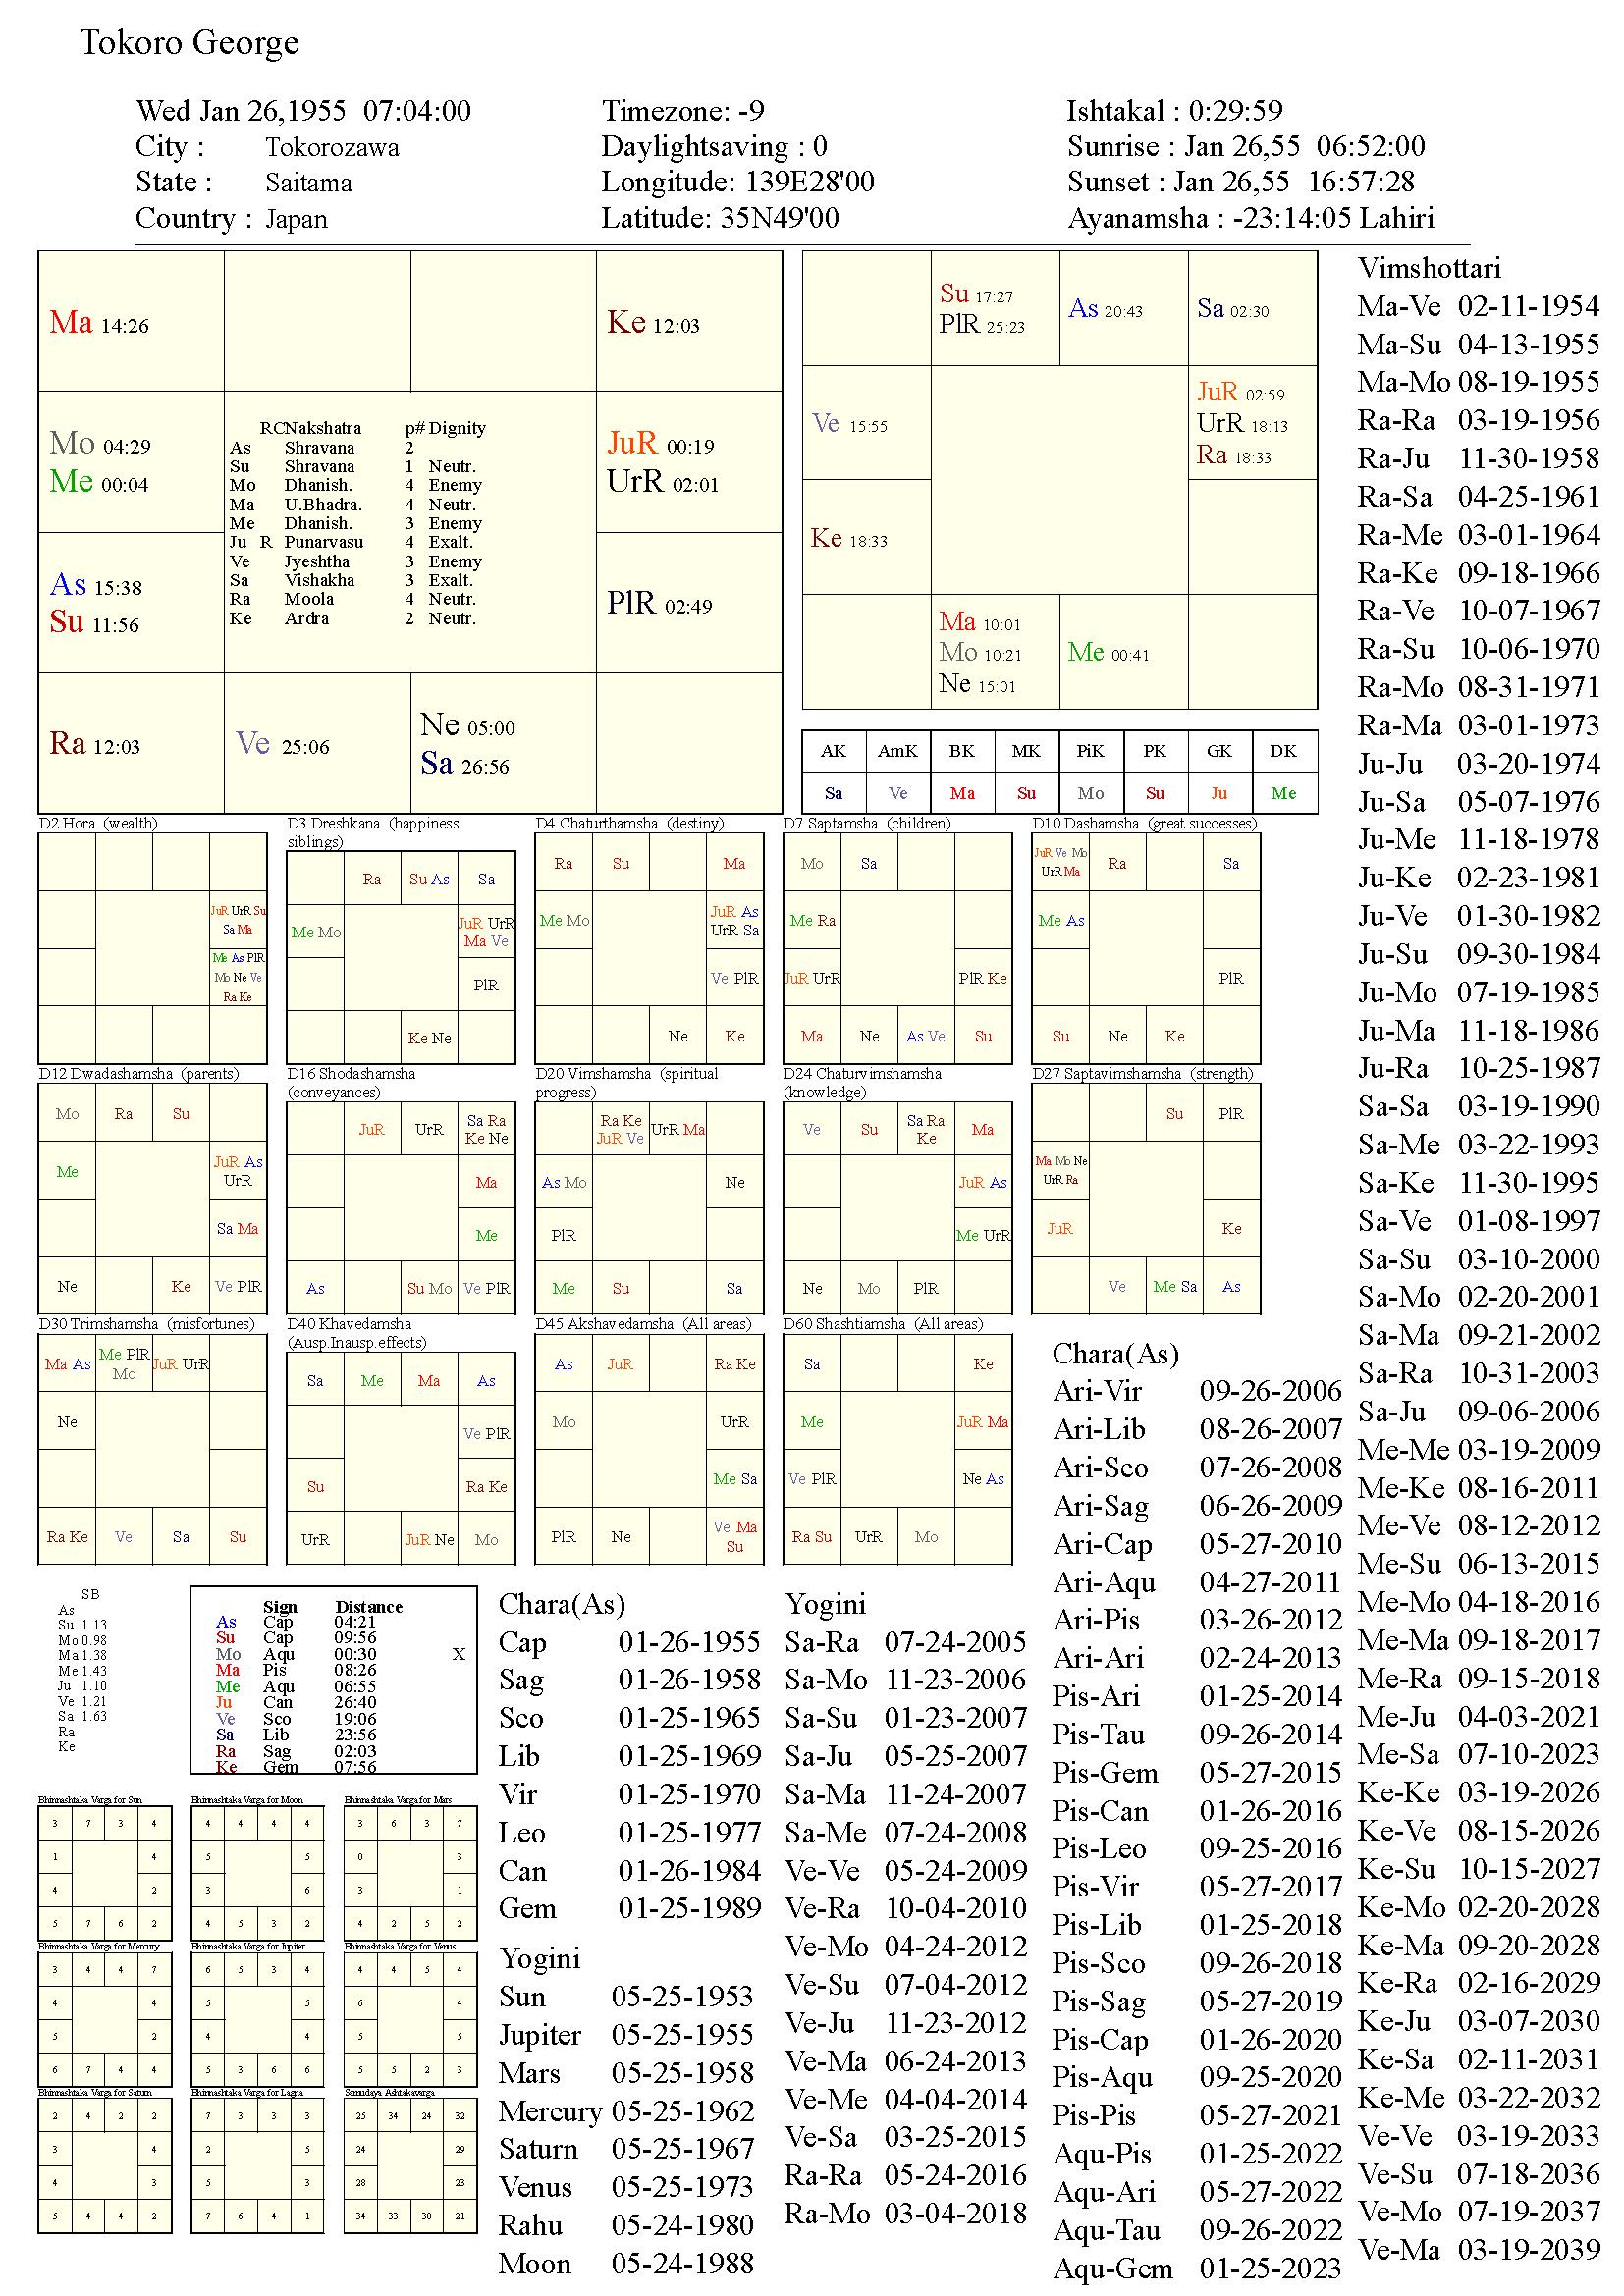 tokorogeorge_chart